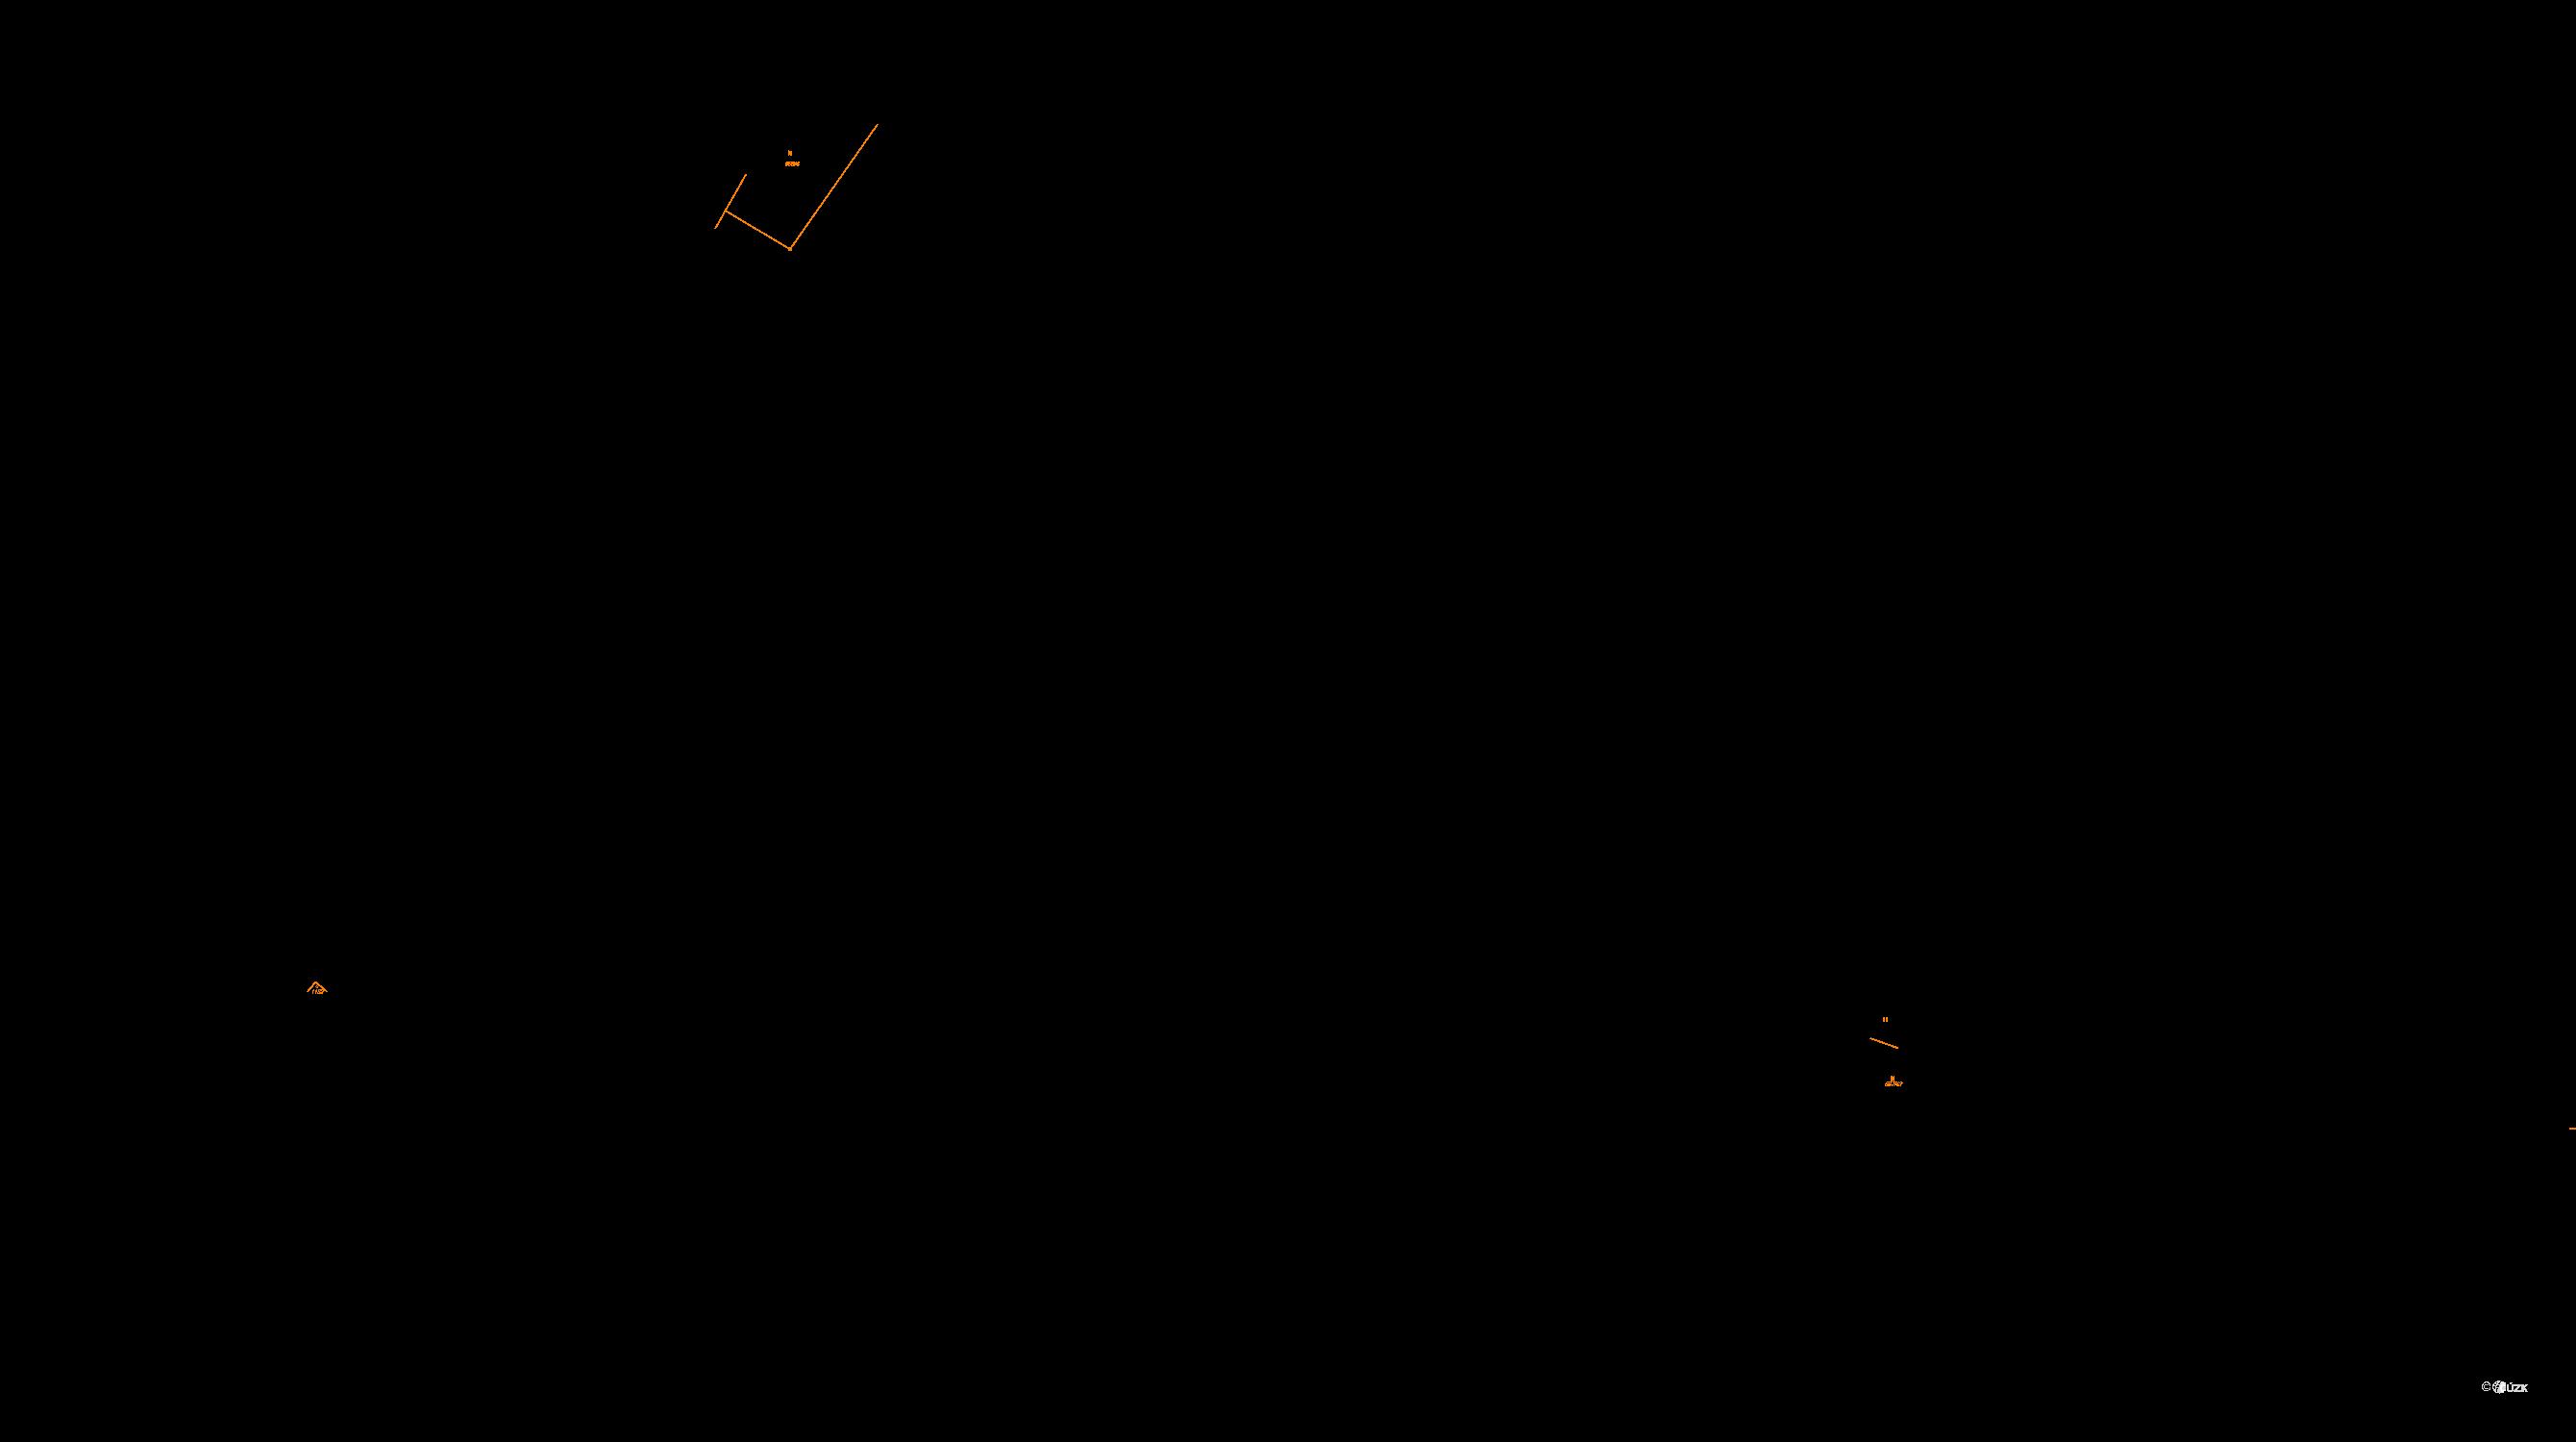 Katastrální mapa pozemků a čísla parcel Písek u Jablunkova